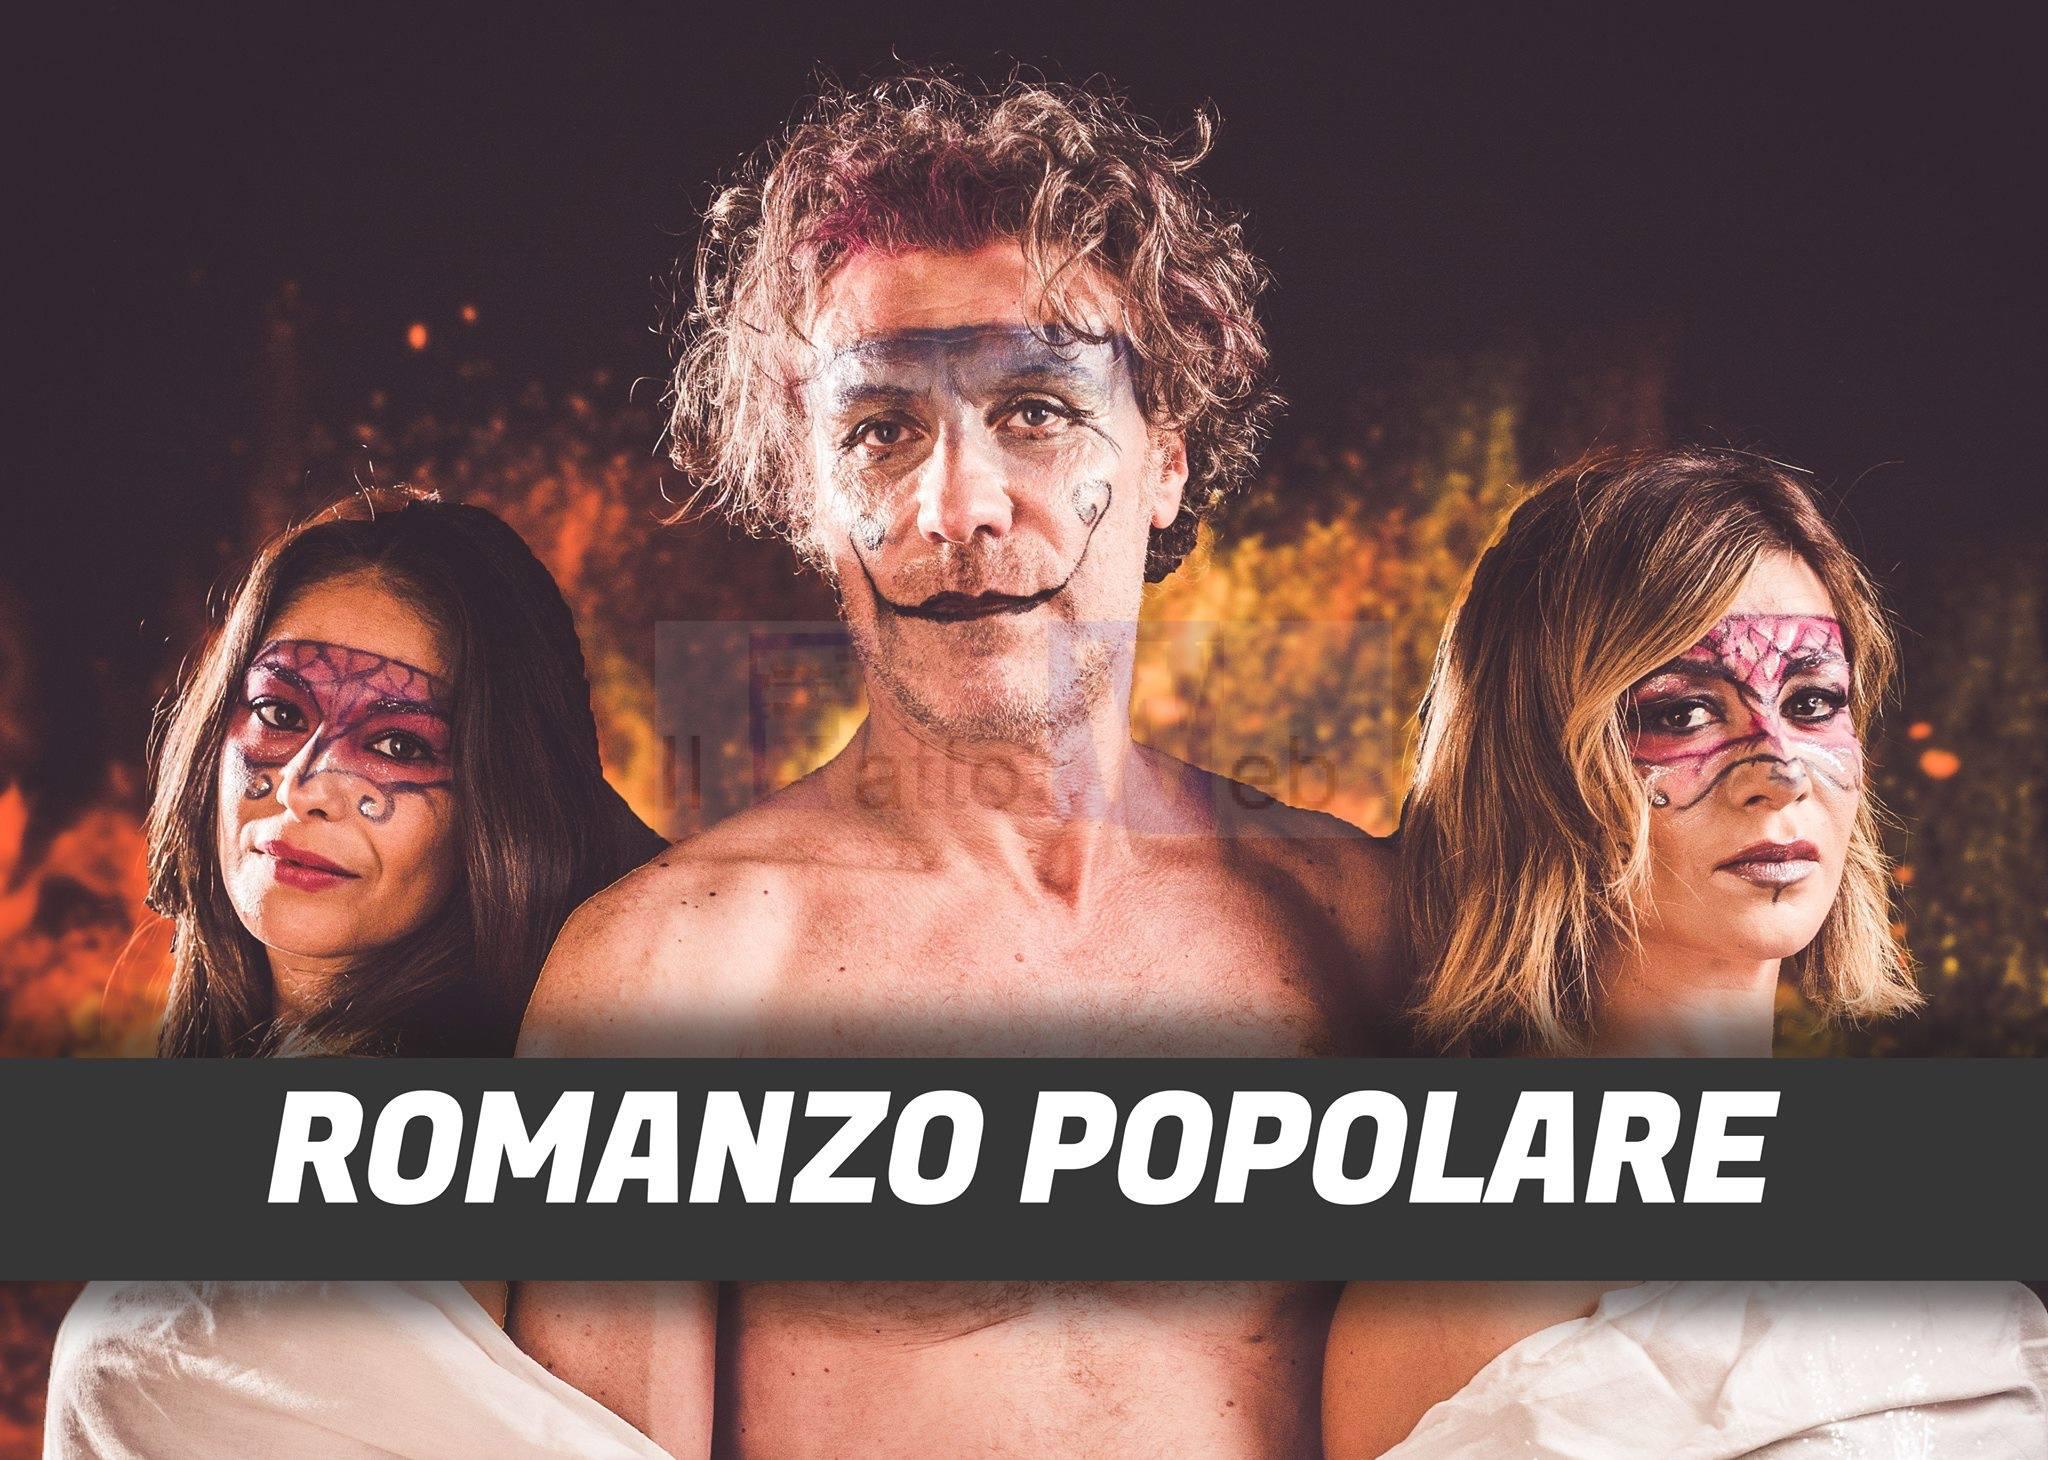 """Teatro Mobile di Catania, """"Romanzo popolare"""" e la solitudine dei tempi moderni"""